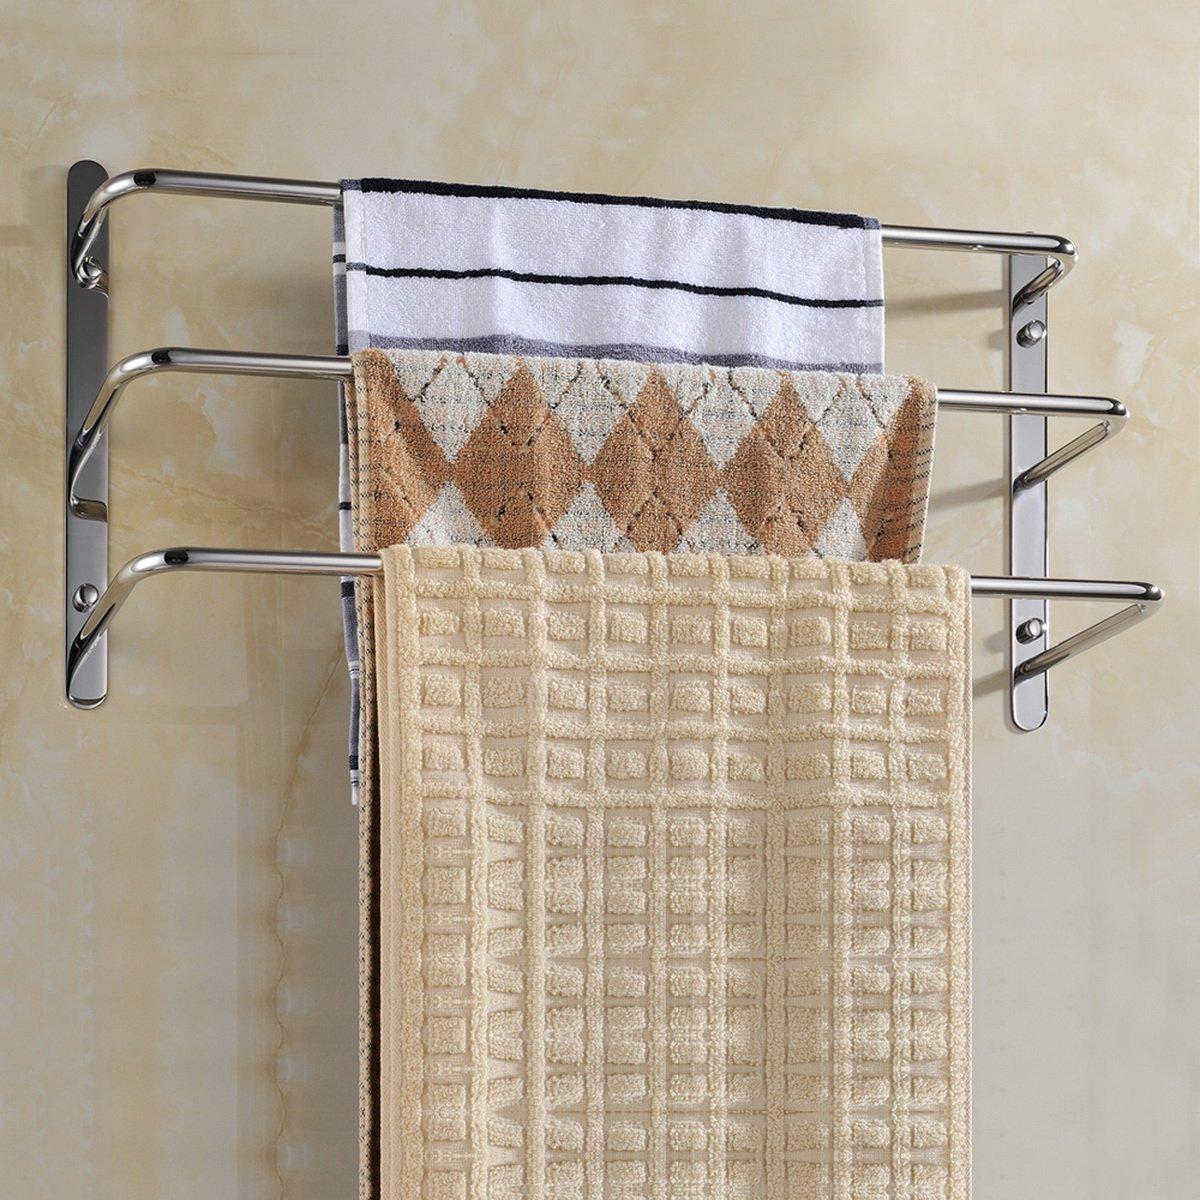 Sprinkle - Soporte de pared para baño contemporáneo de accesorios de baño y ducha acero inoxidable 3 barras toallero baño Robe Ganchos estante toallero ...